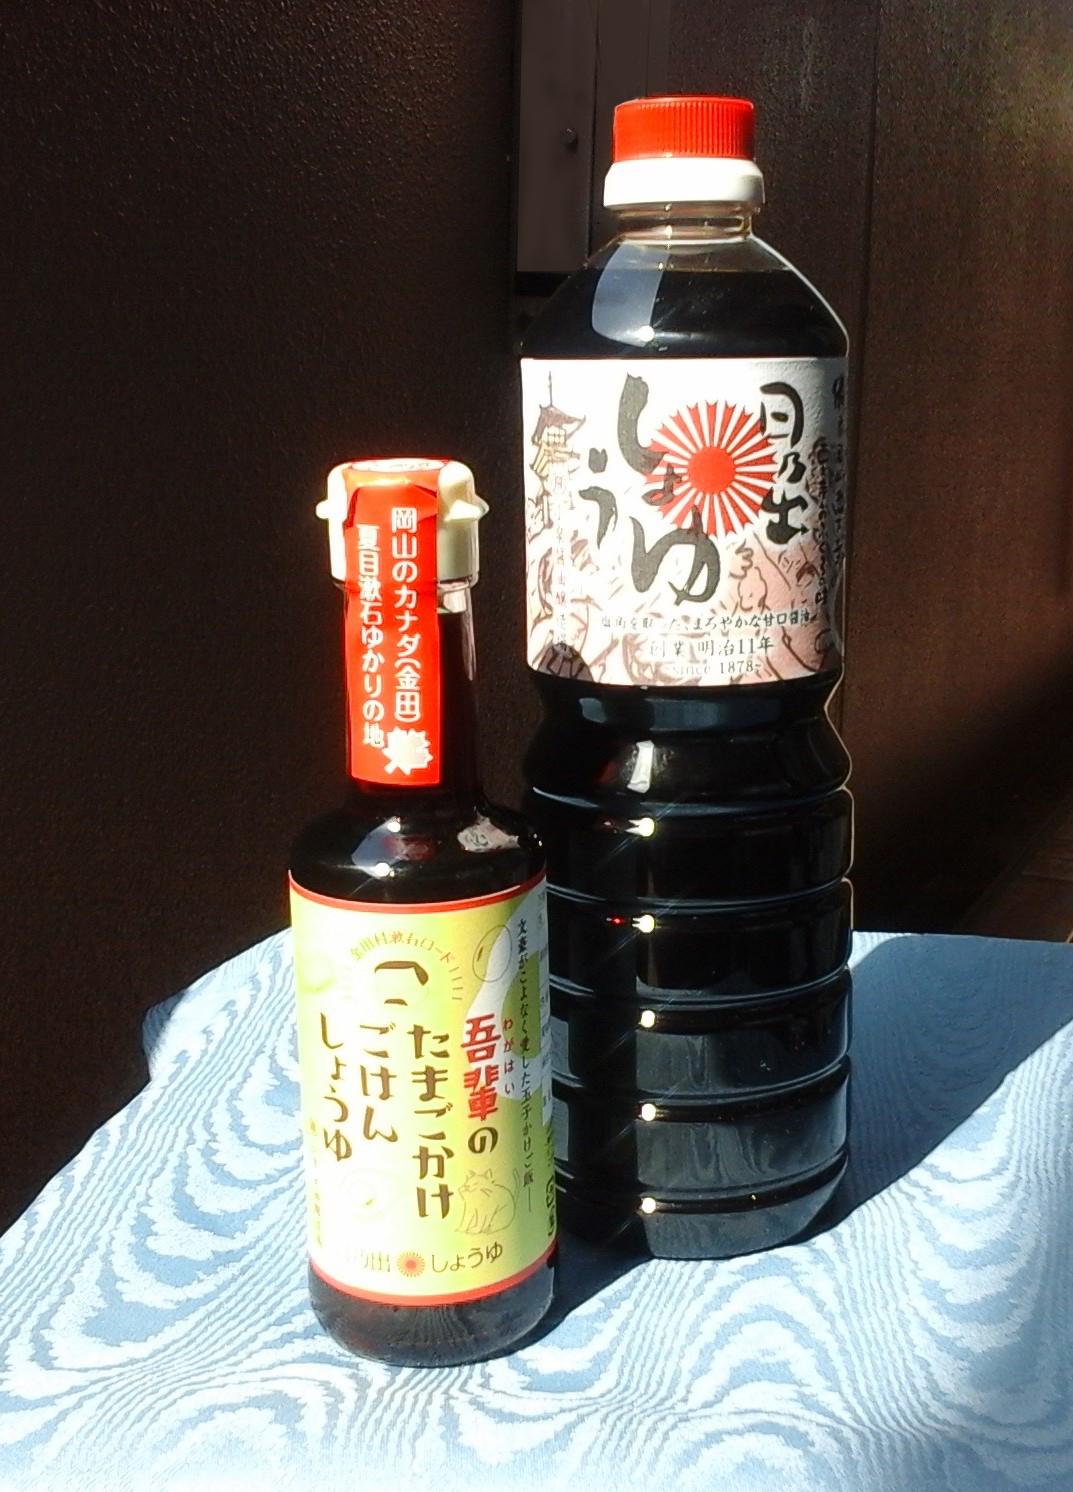 日乃出醤油 小泉醸造元(小泉醤油店)醤油